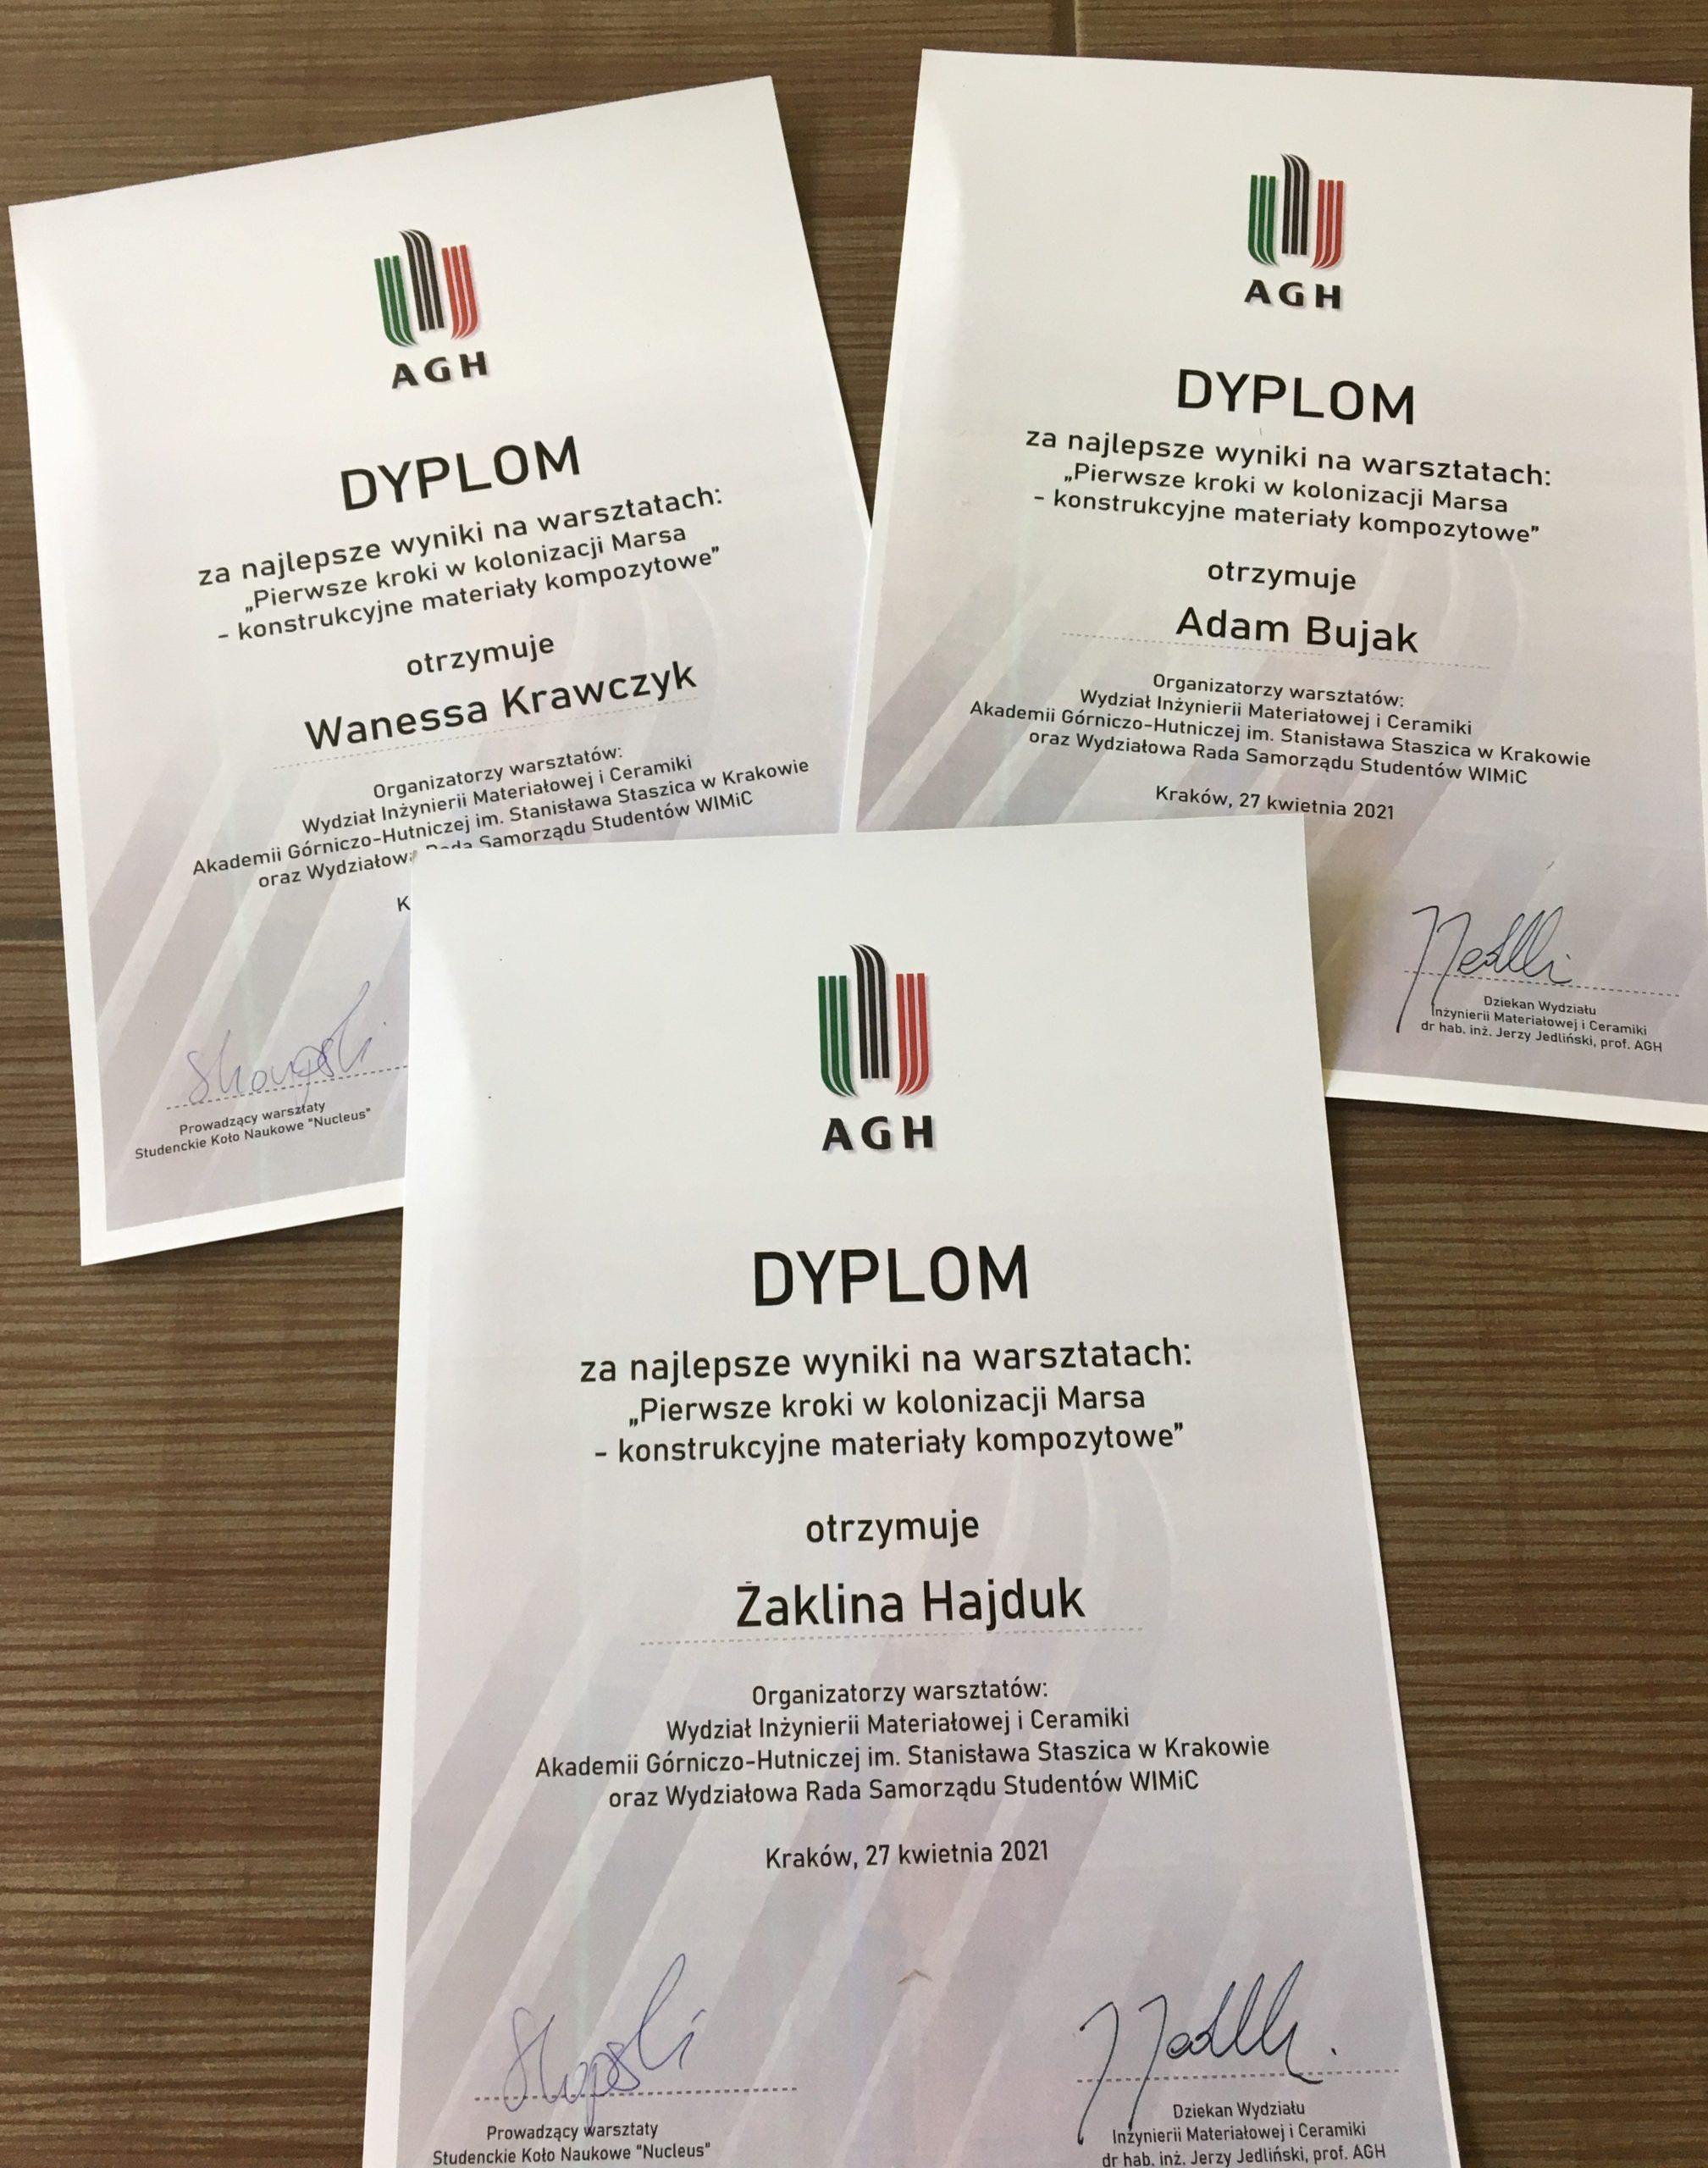 Koło Naukowe Wydziału Inżynierii Materiałowej i Ceramiki AGH w Krakowie nagradza uczniów I LO